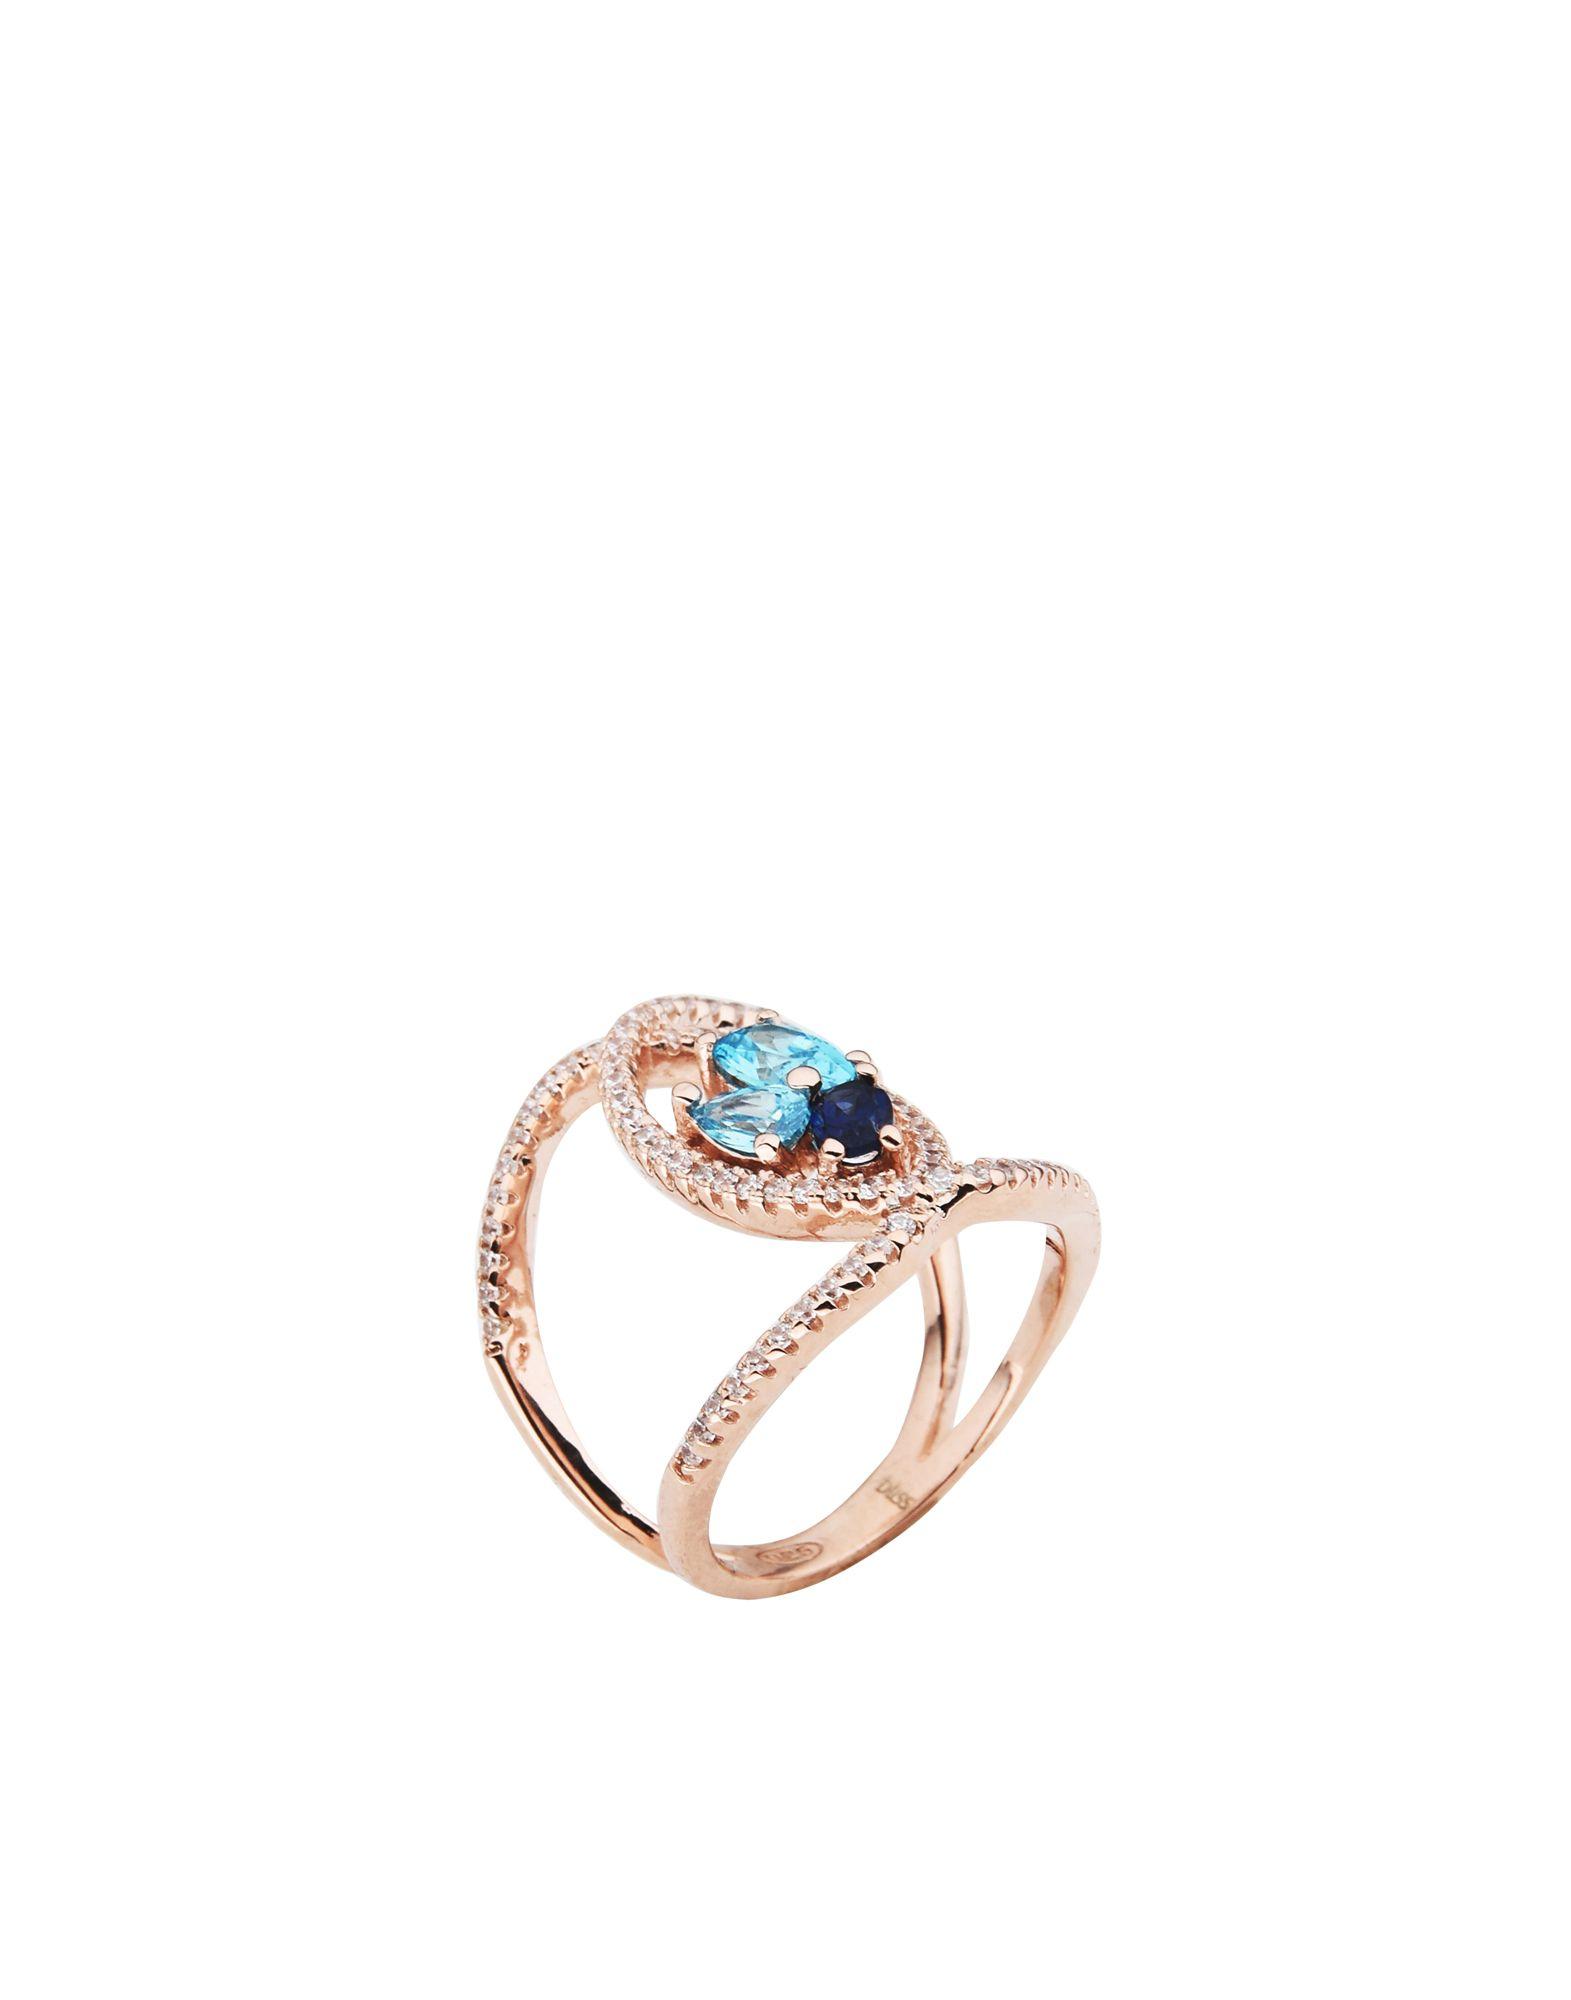 《送料無料》BLISS レディース 指輪 カッパー 12 シルバー925/1000 / キュービックジルコニア